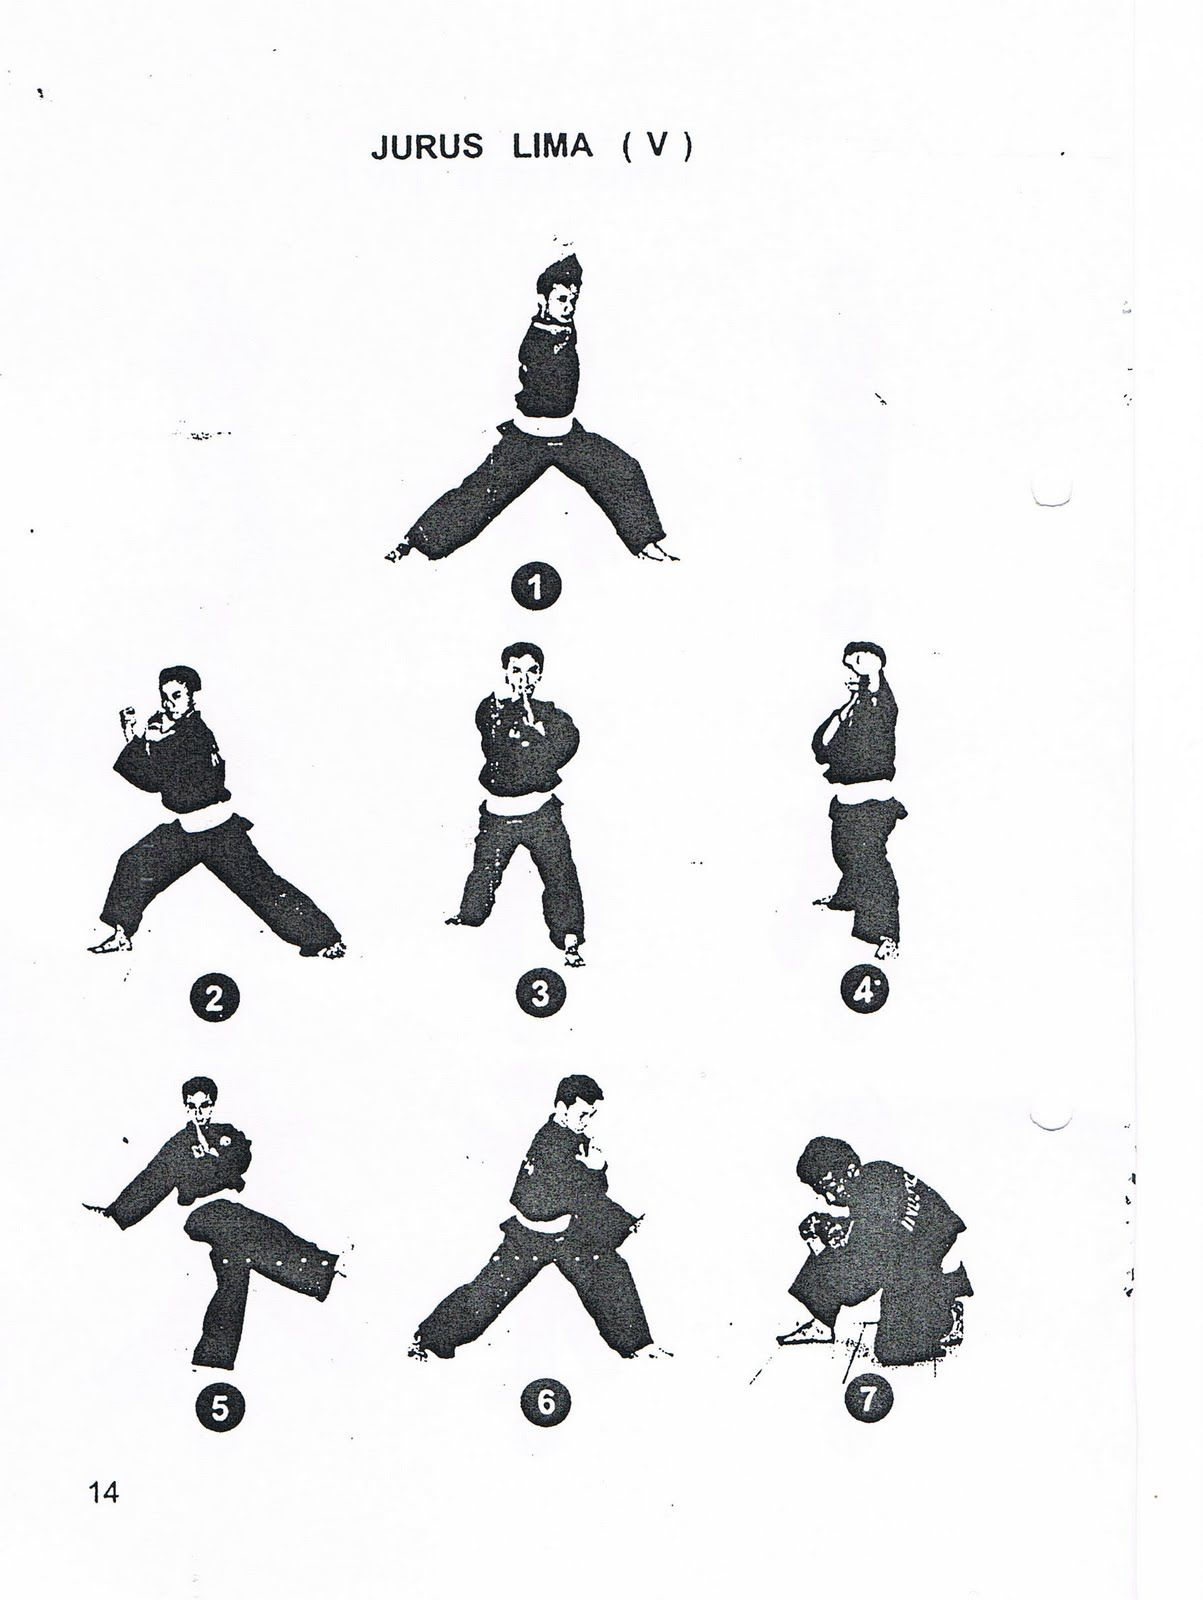 Senam Jurus Sh Terate : senam, jurus, terate, Gambar, Jurus, Lengkap, Terbaru, Gambar,, Pencak, Silat